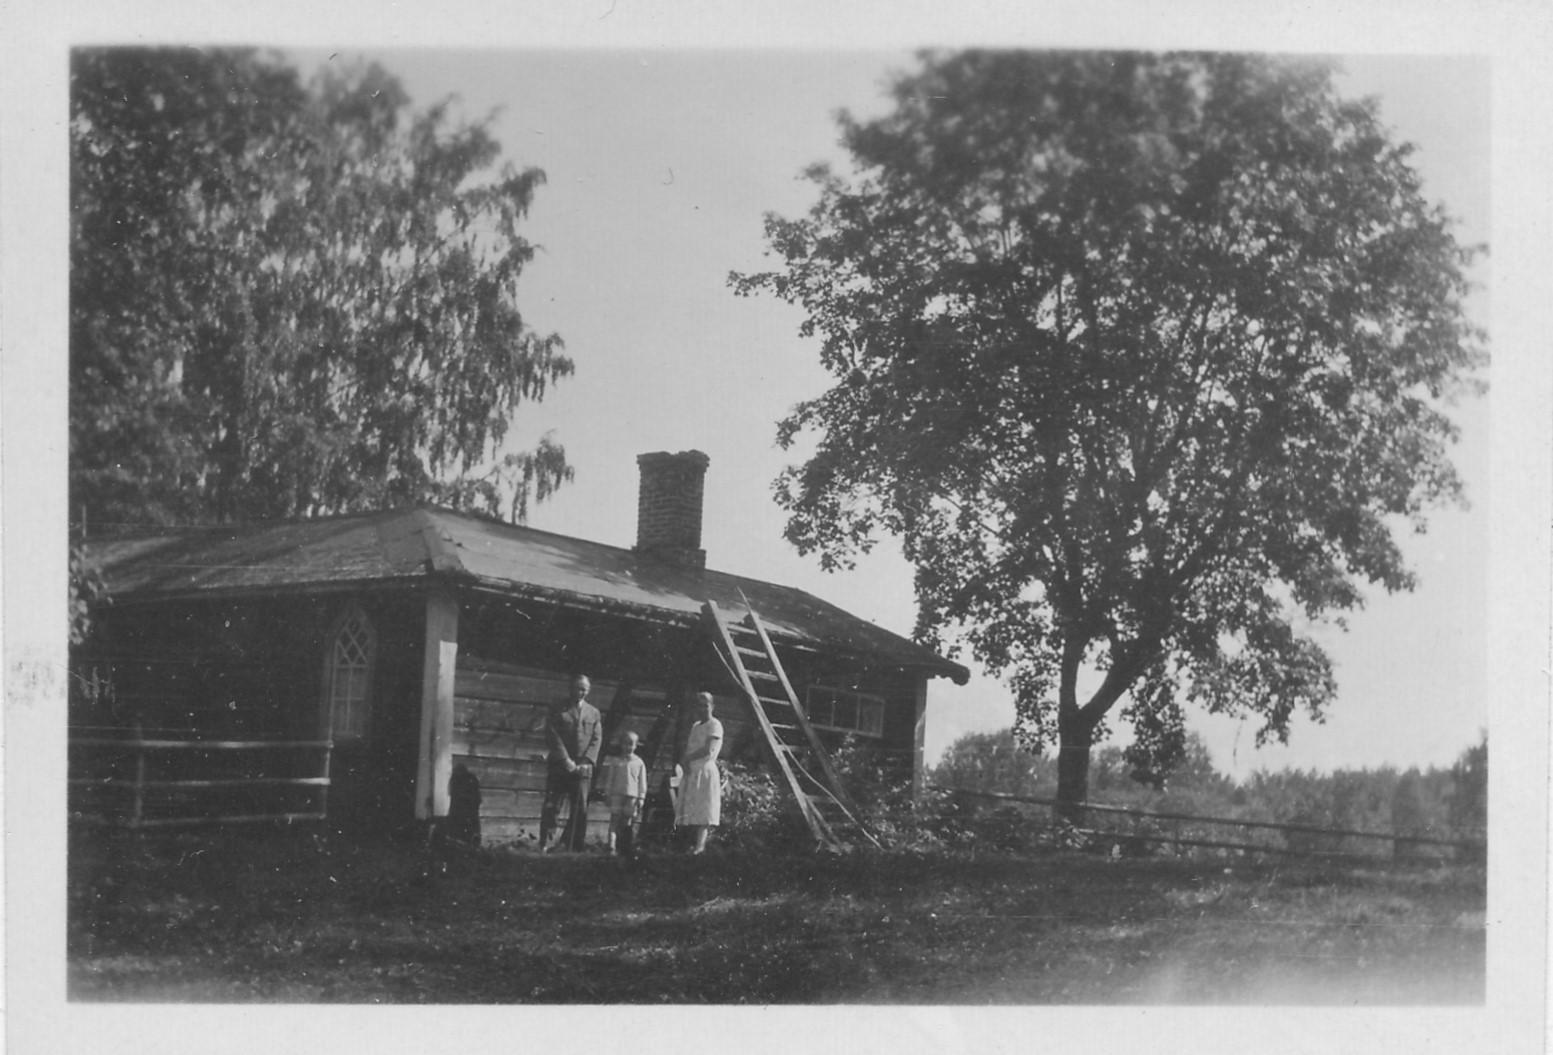 Strönbergin perhettä mökkinsä edustalla Vääksyssä 1927-1928. Kuva: Frithjof Corner